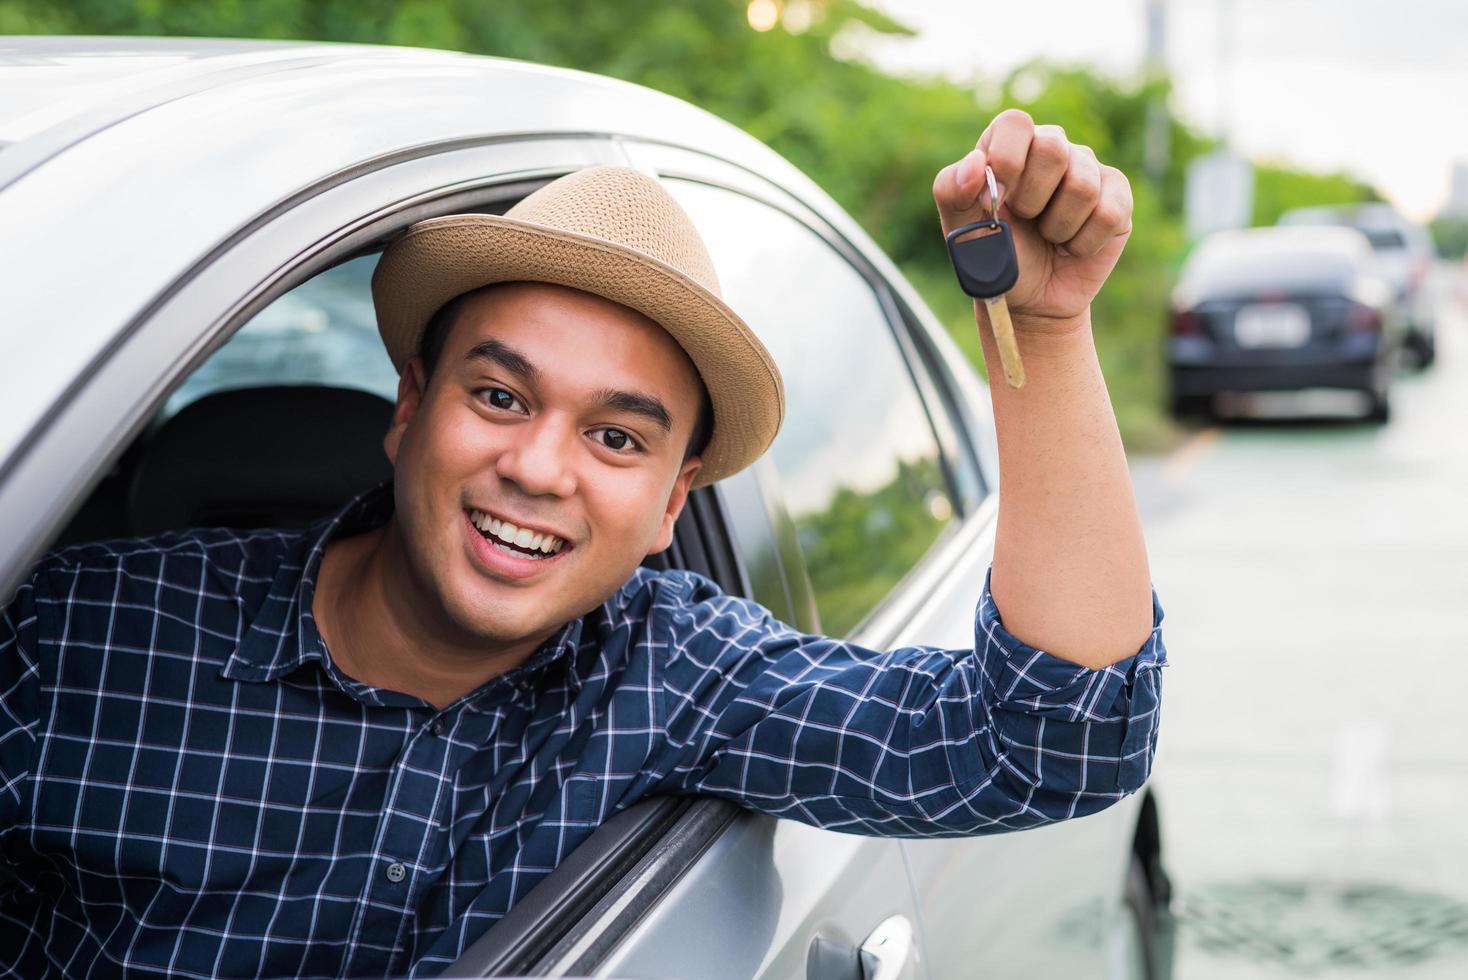 man håller bilnycklar från bilfönstret foto